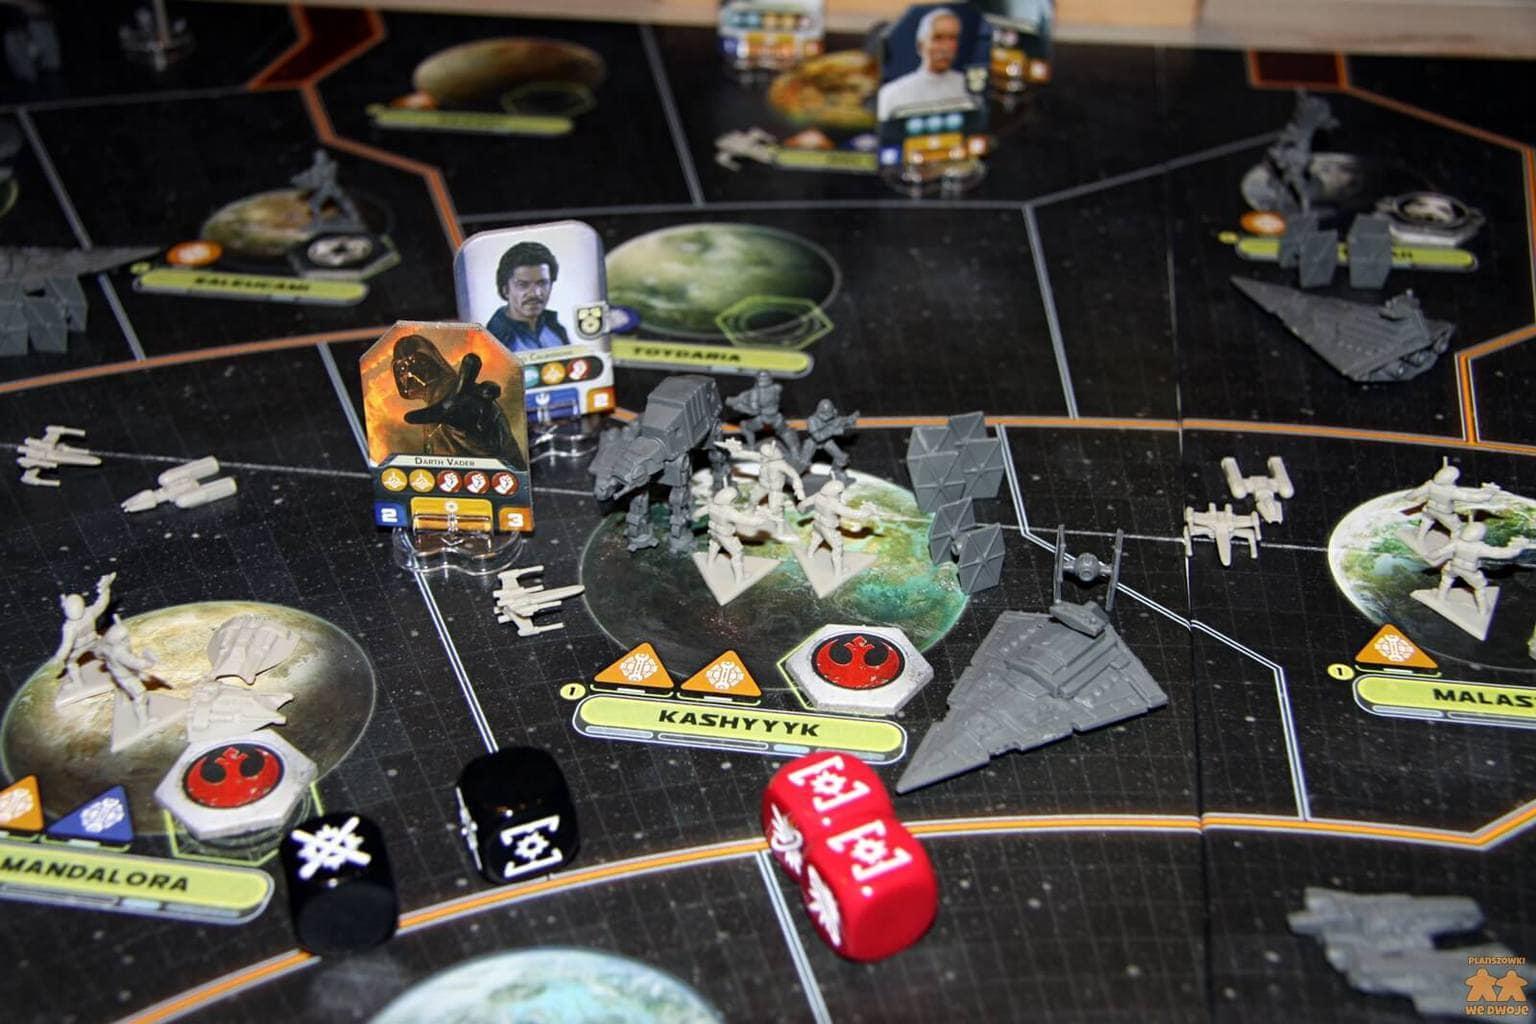 Star Wars Rebelia, plansza z figurkami, kostkami i żetonami agentów w trakcie bitwy.